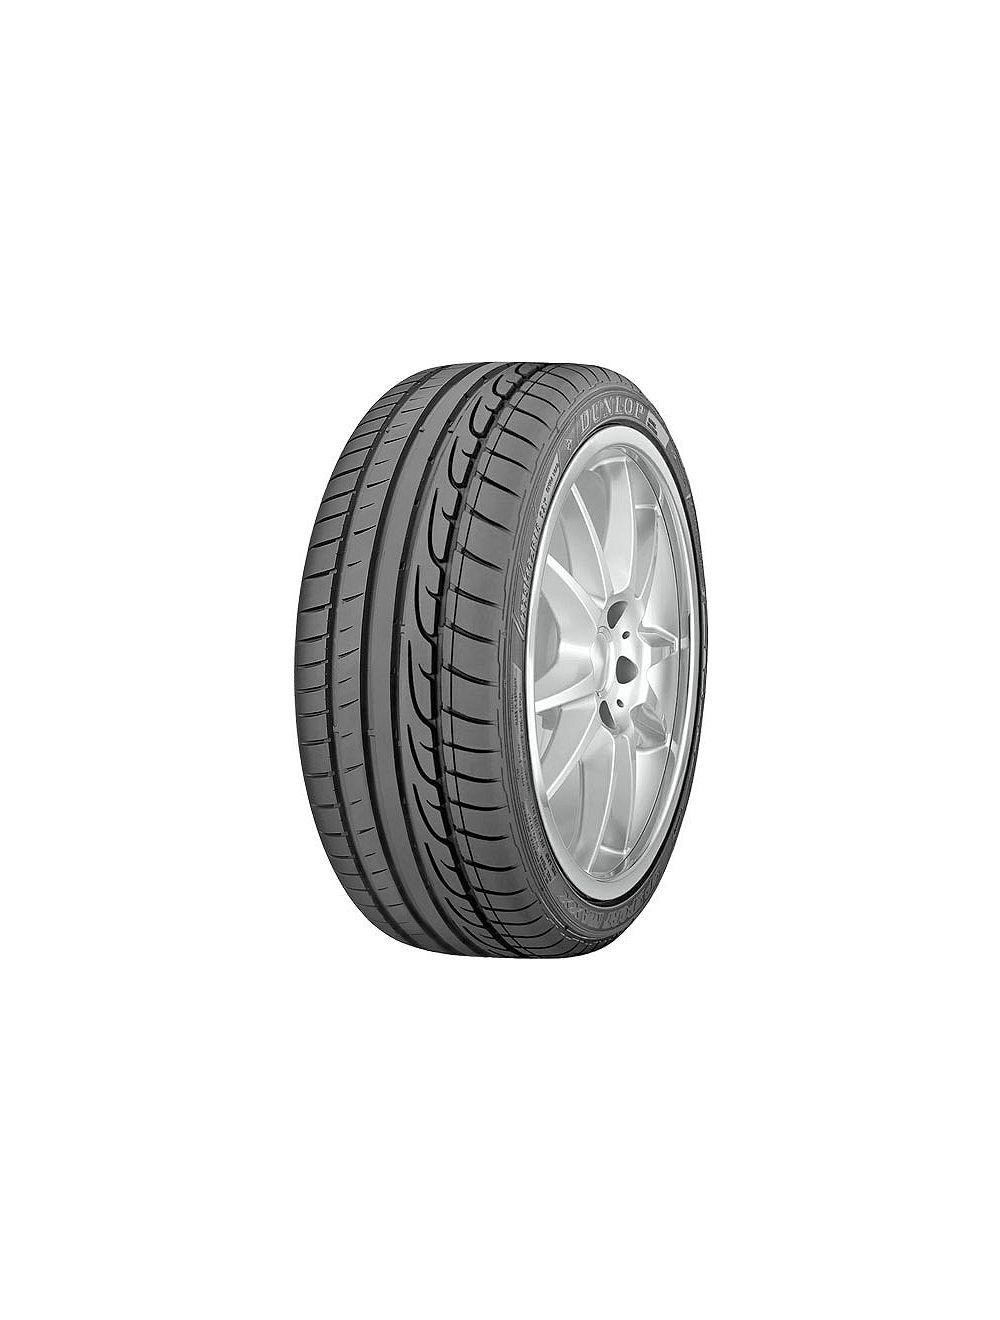 Dunlop 205/45R17 W SP Sport Maxx RT XL MFS ROF* Nyári gumi